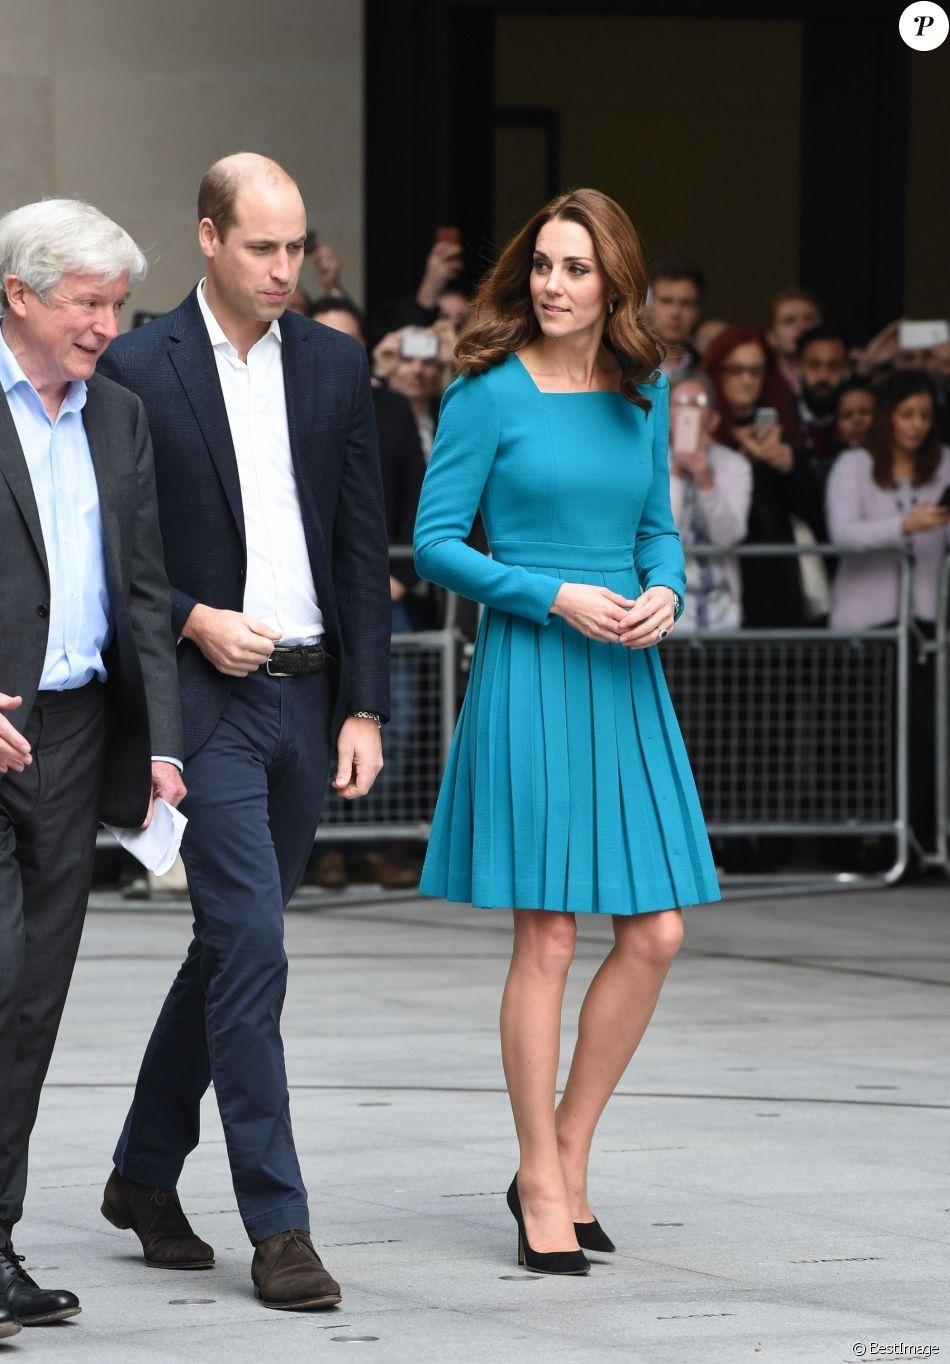 La duchesse Catherine de Cambridge et le prince William étaient en visite au siège de la BBC à Londres le 15 novembre 2018 dans le cadre de la Semaine anti-harcèlement en Grande-Bretagne.